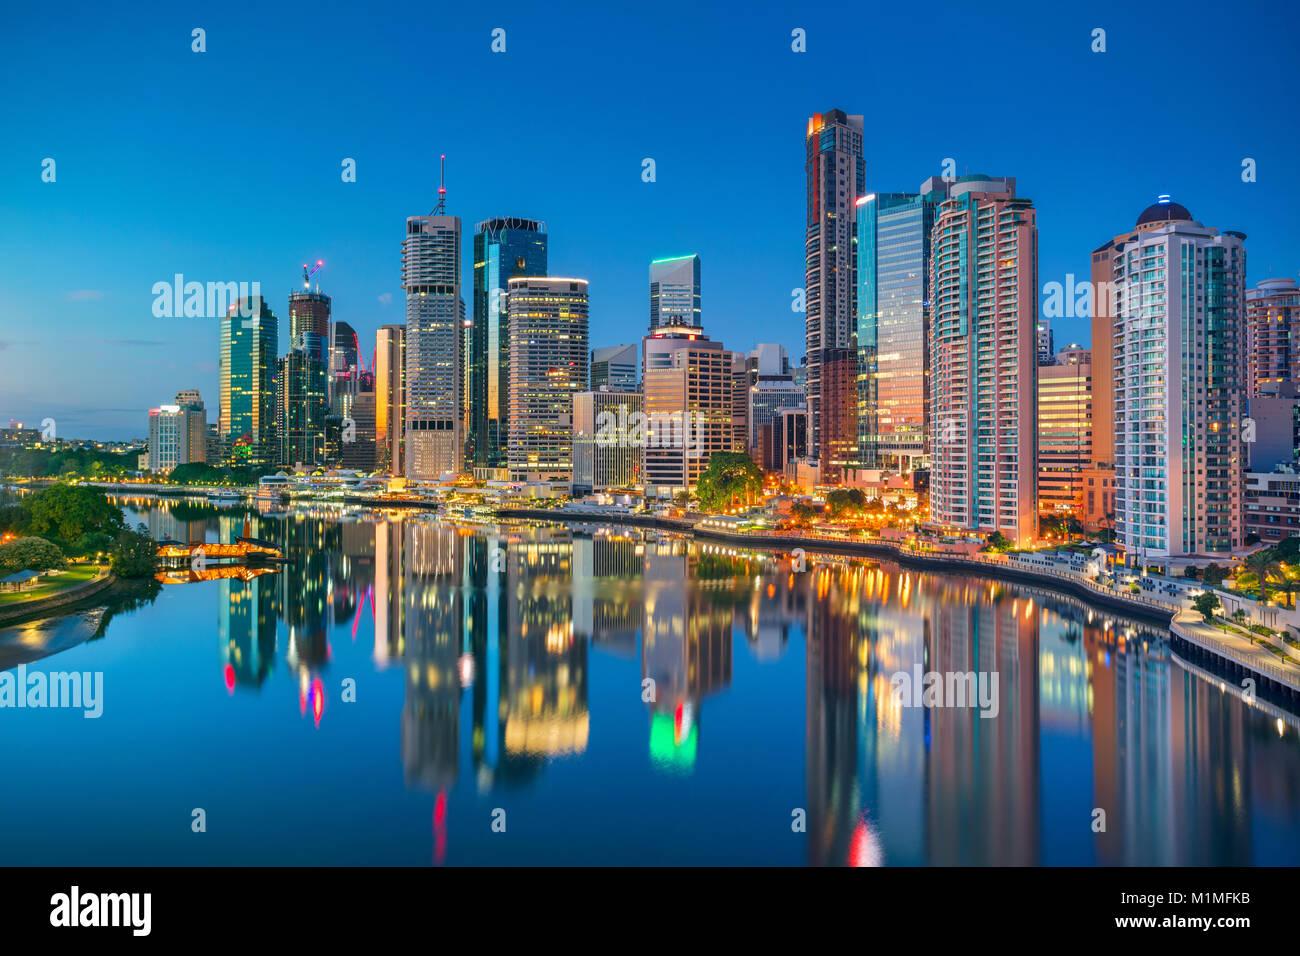 Brisbane. Cityscape immagine della skyline di Brisbane, Australia durante il sunrise. Immagini Stock